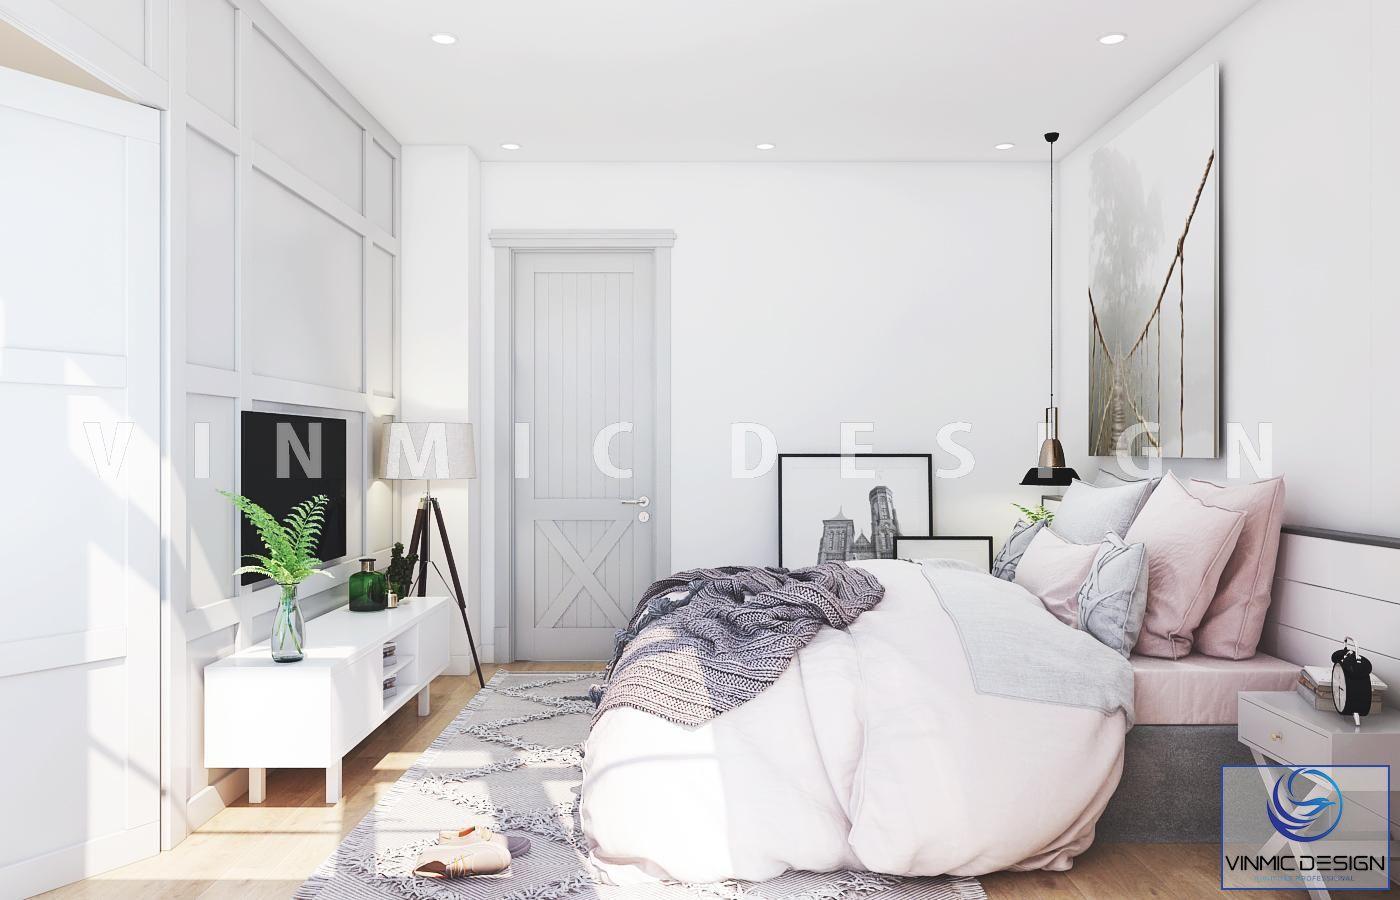 Góc khác của căn phòng, ta có thể thấy rõ đặc trưng của sự tối giản, đơn giản trong thiết kế và thiên hướng vào chức năng của nội thất hơn